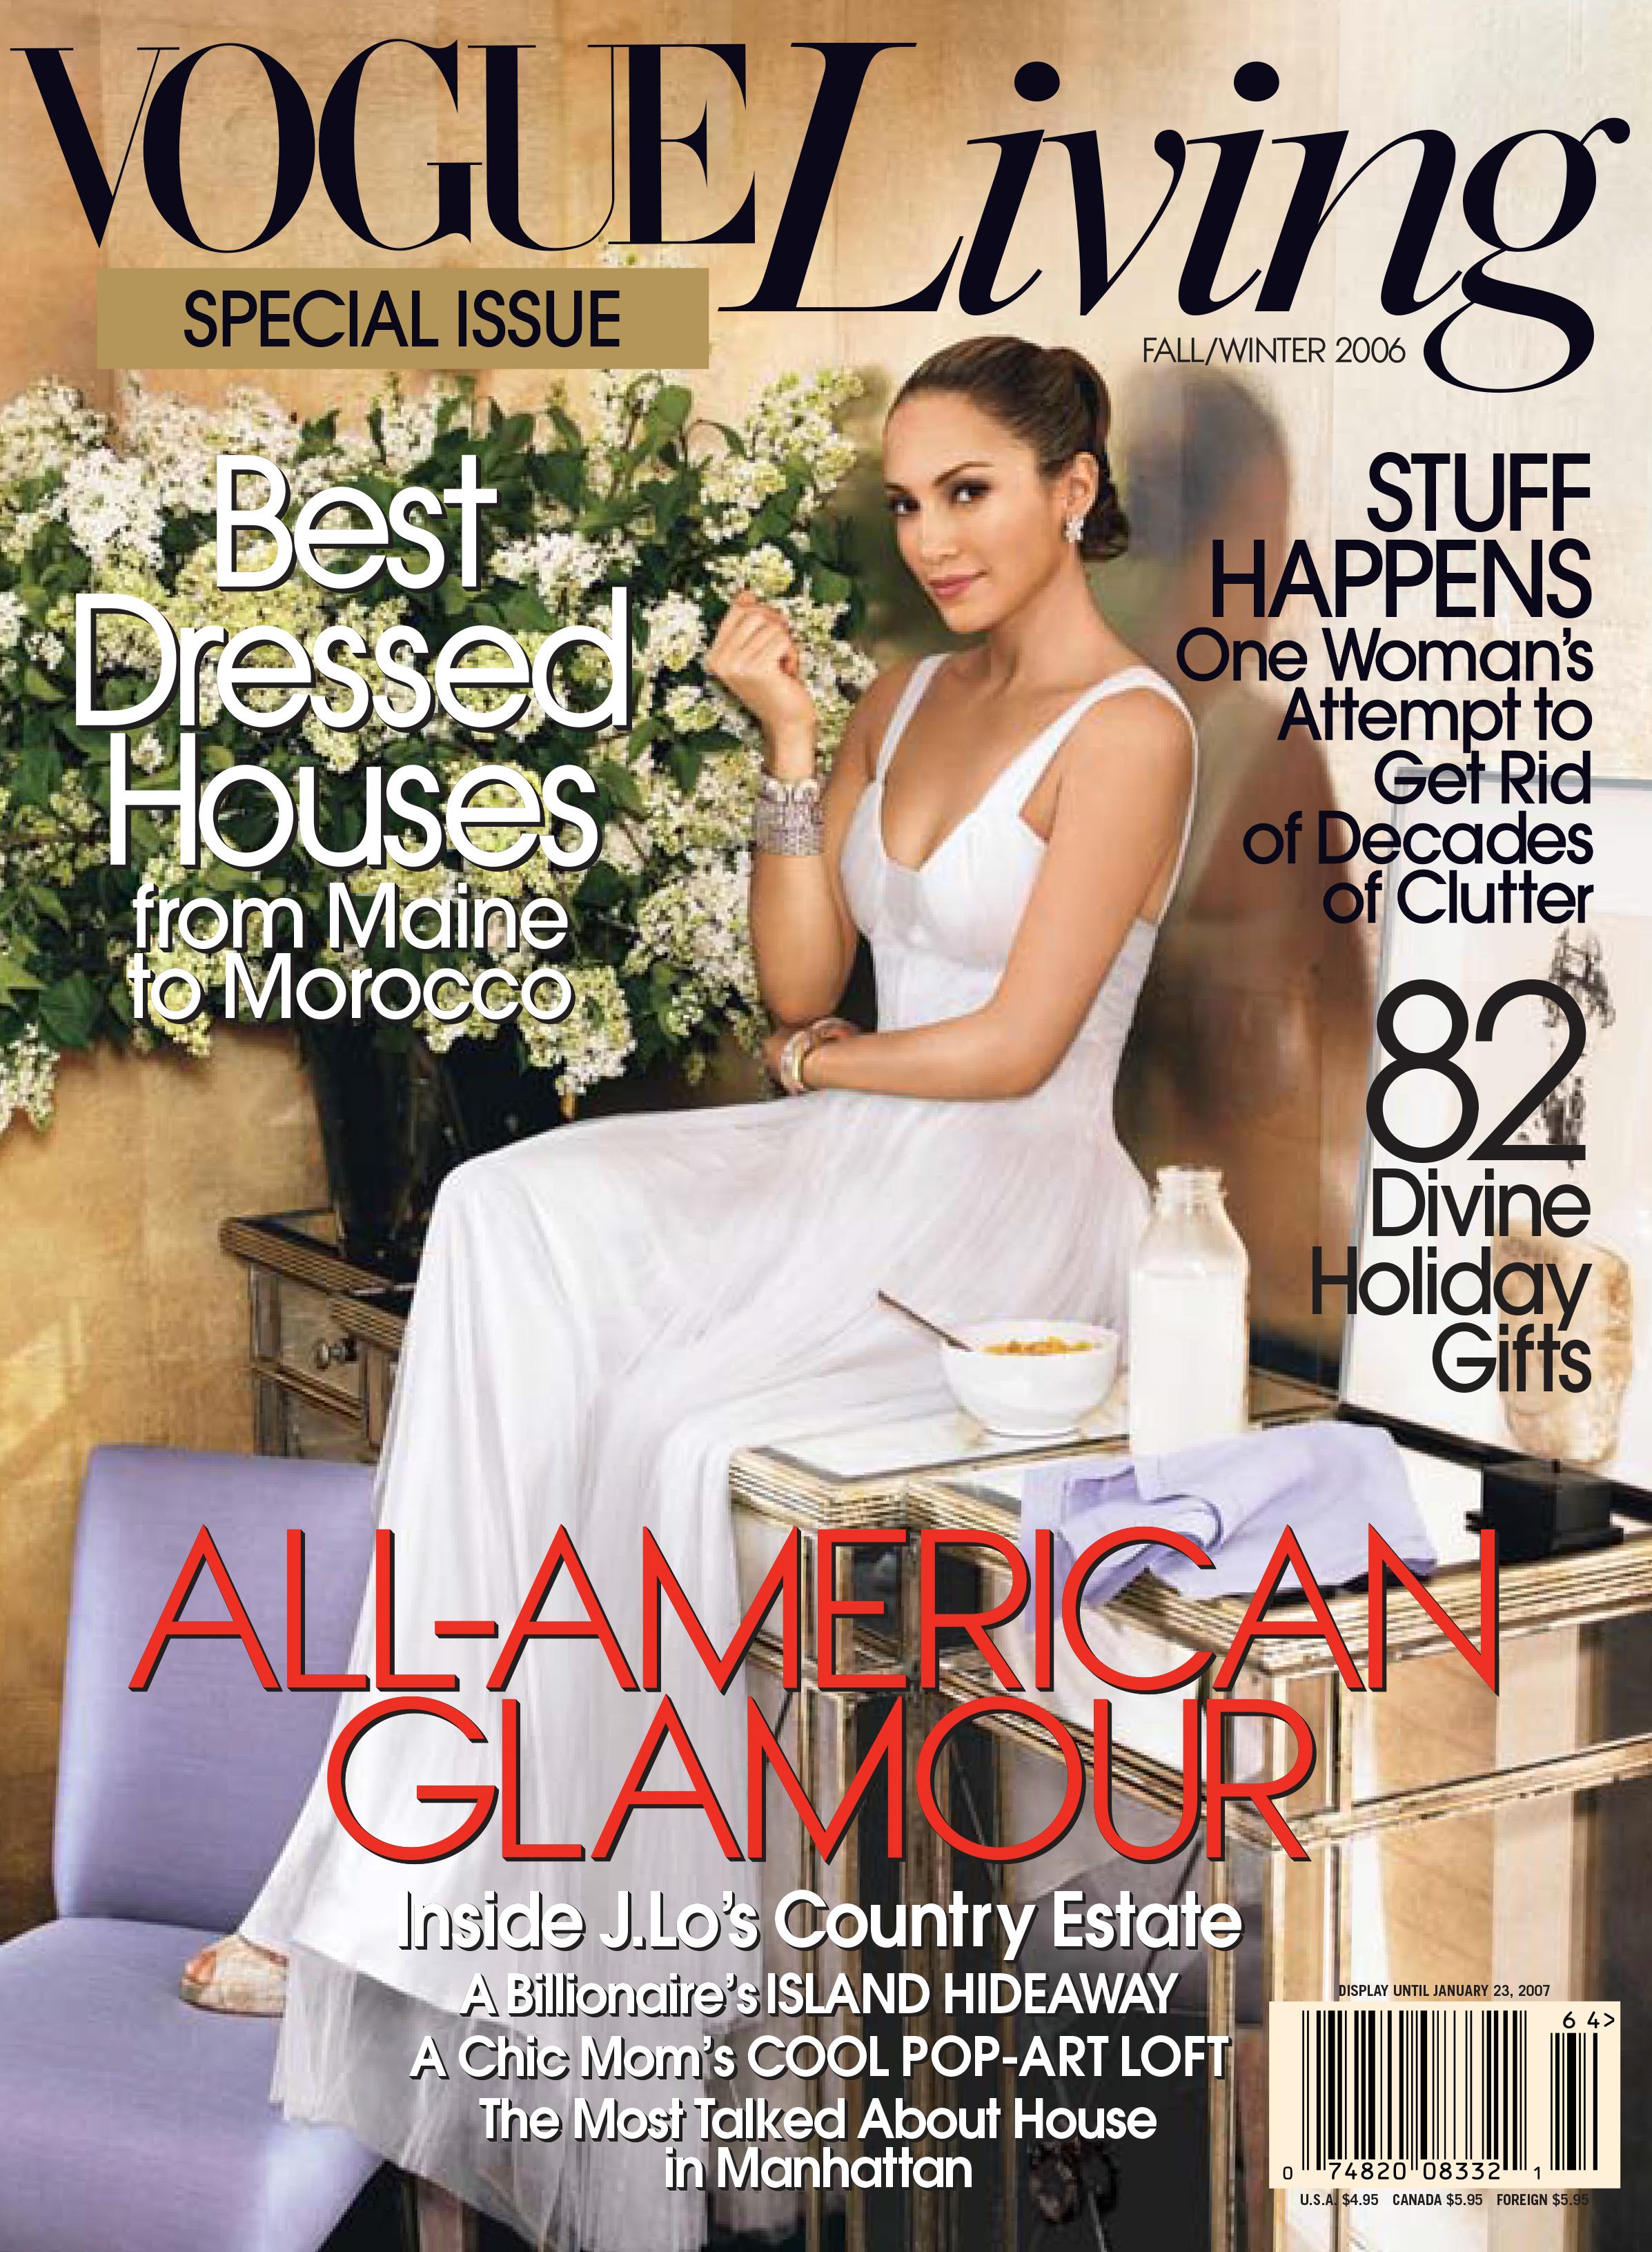 Vogue-Living-Cover.jpg